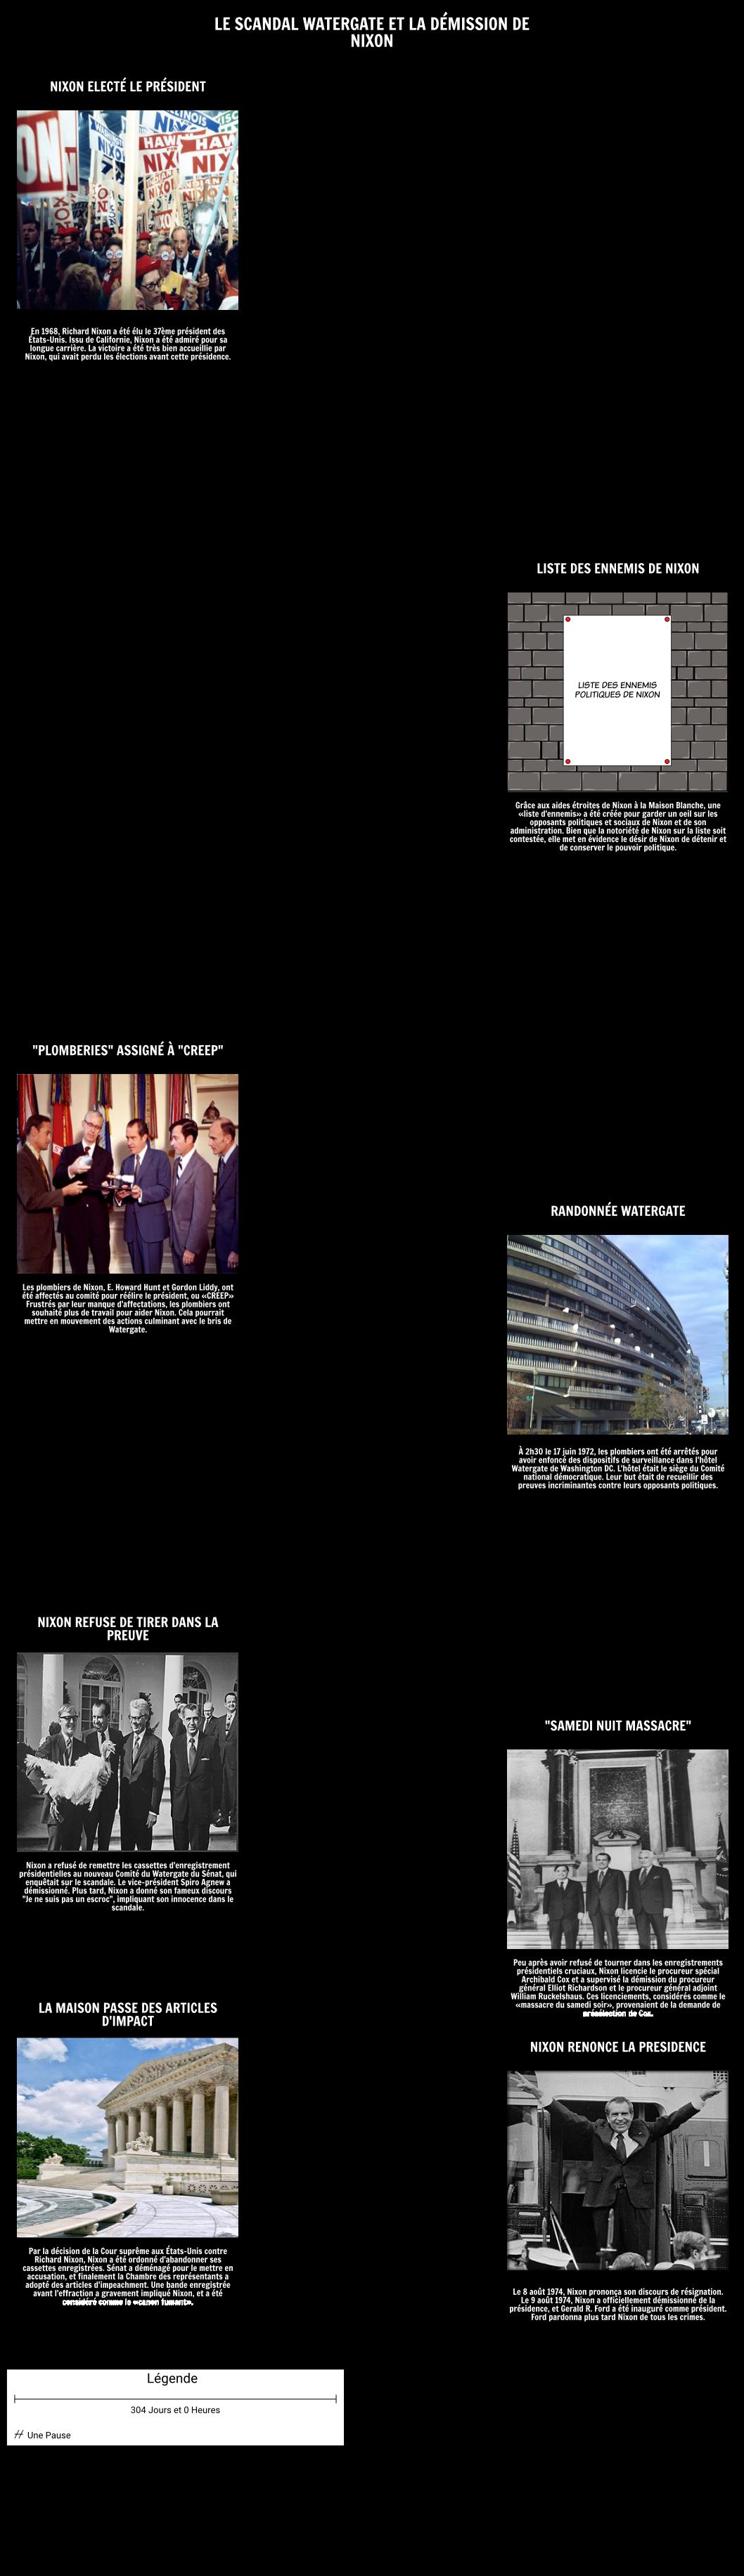 Chronologie du Scandale de Watergate et Démission de Nixon